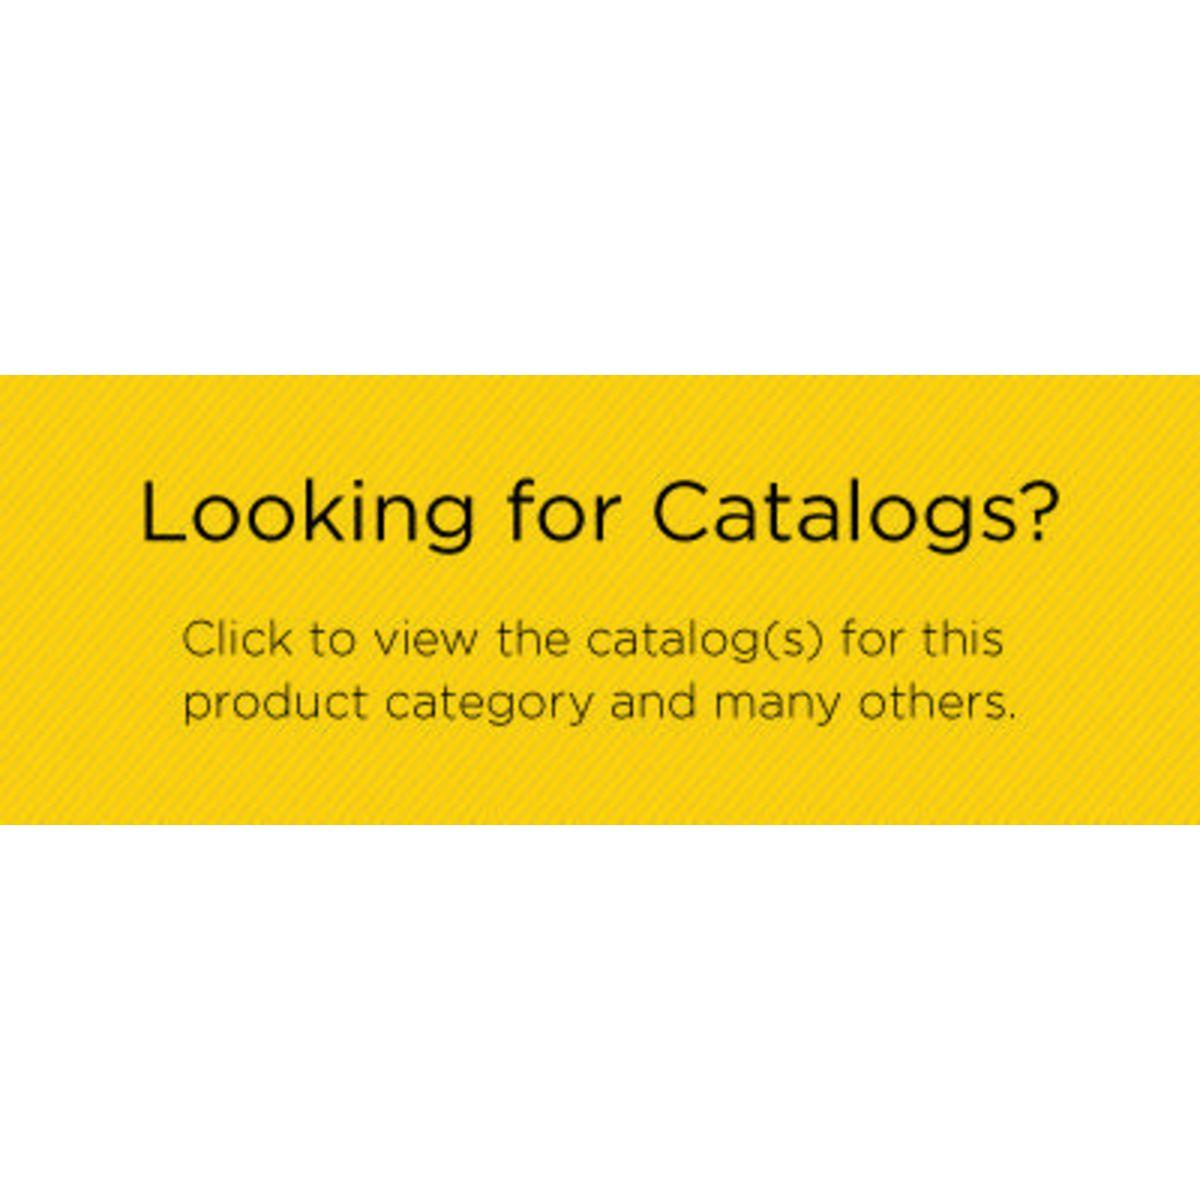 HPS_CatBanner_Catalogs1